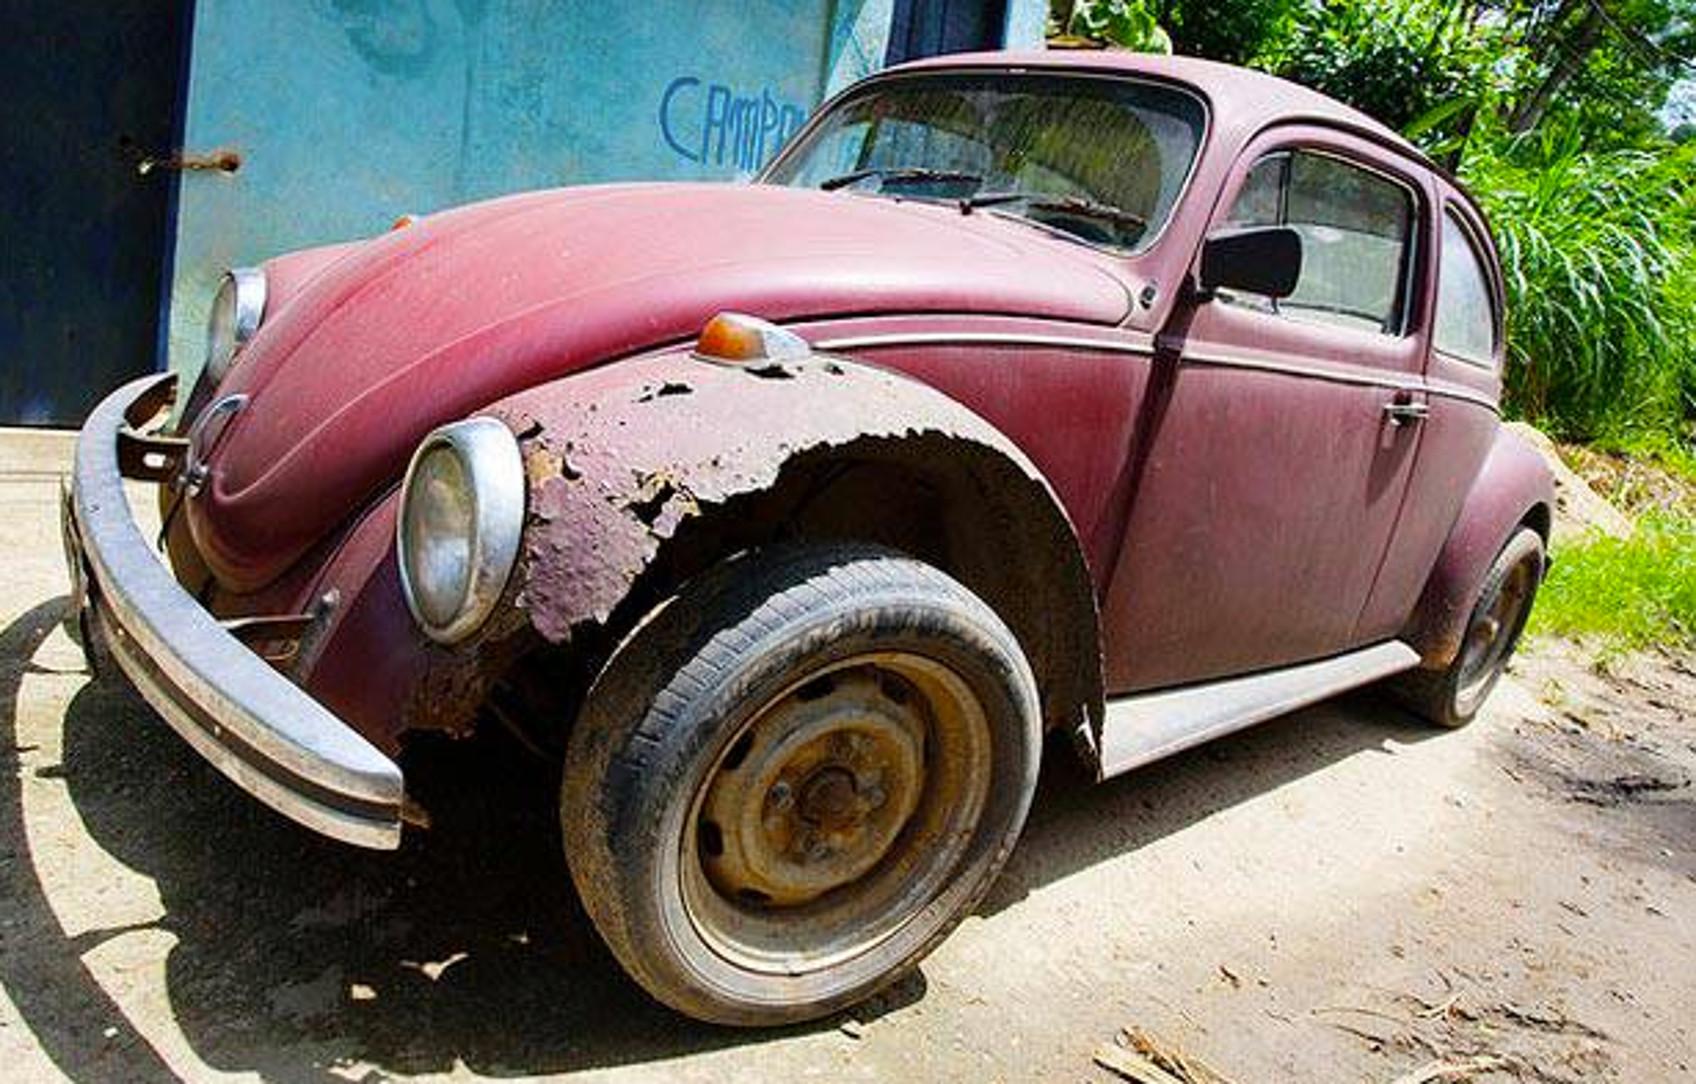 Rusty VW Beetle